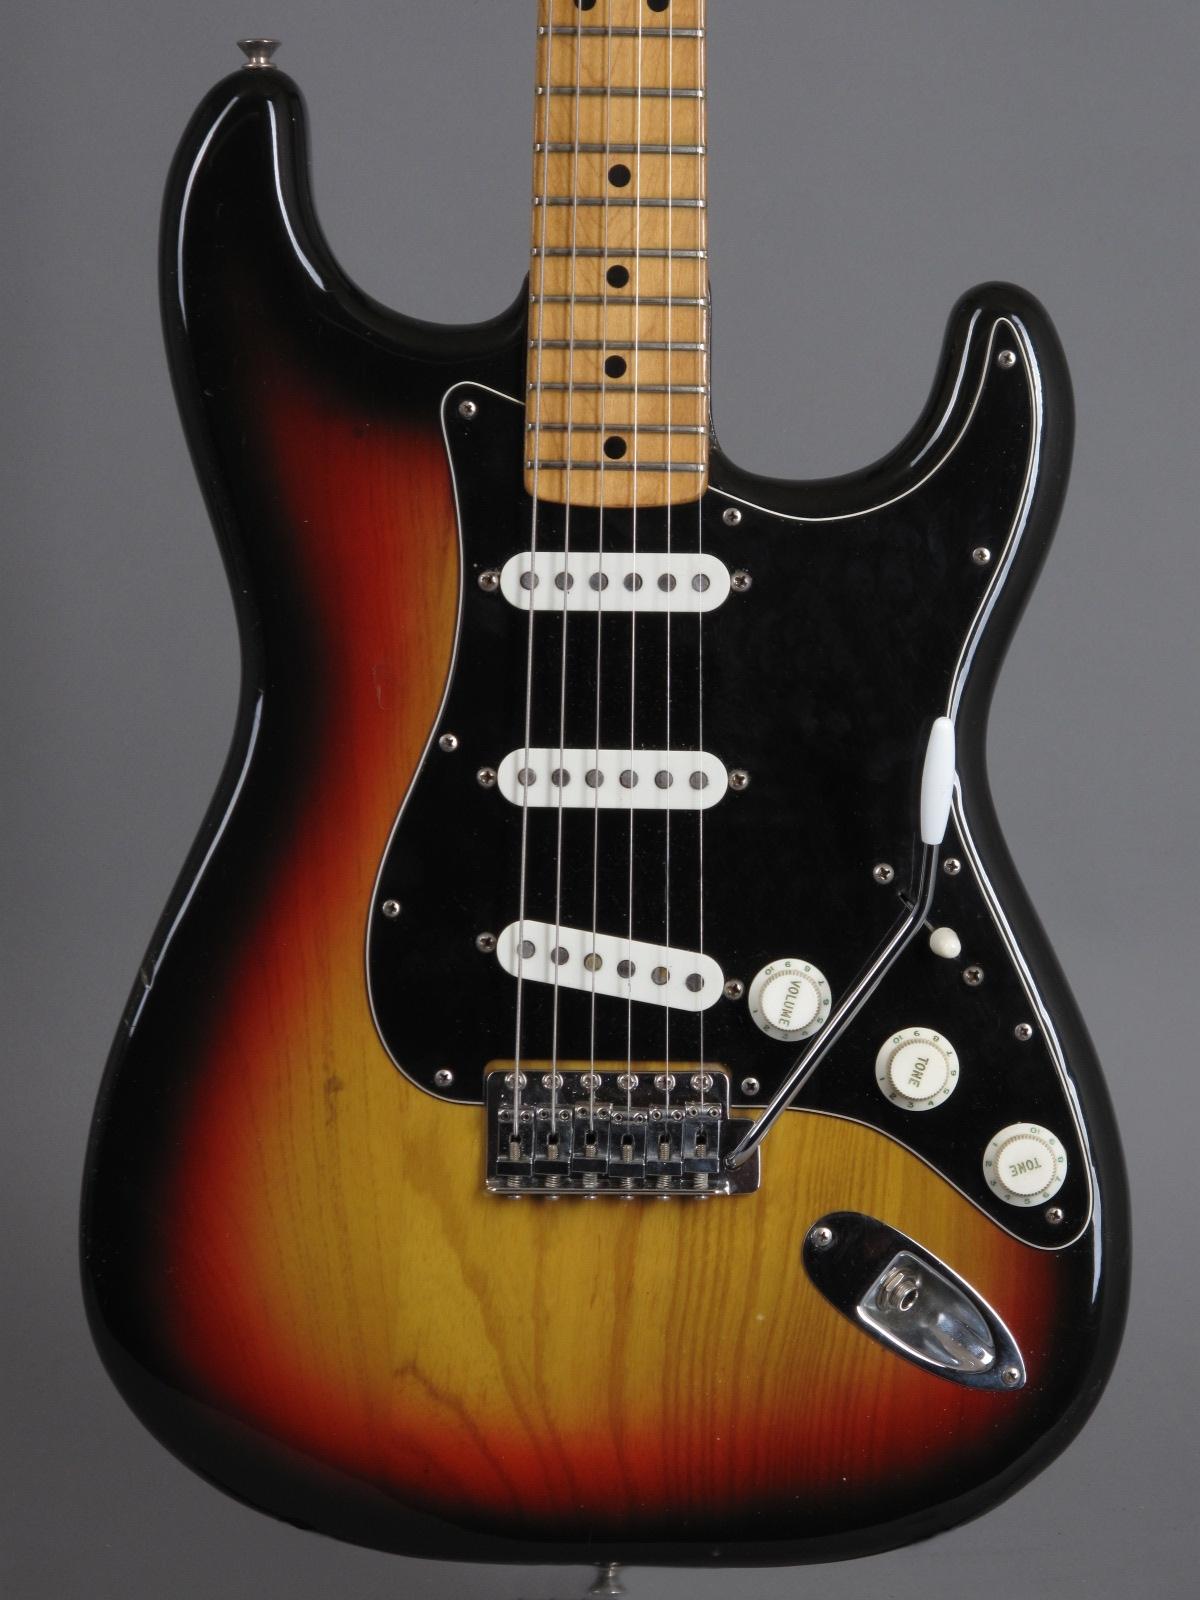 1976 Fender Stratocaster - 3-tone Sunburst